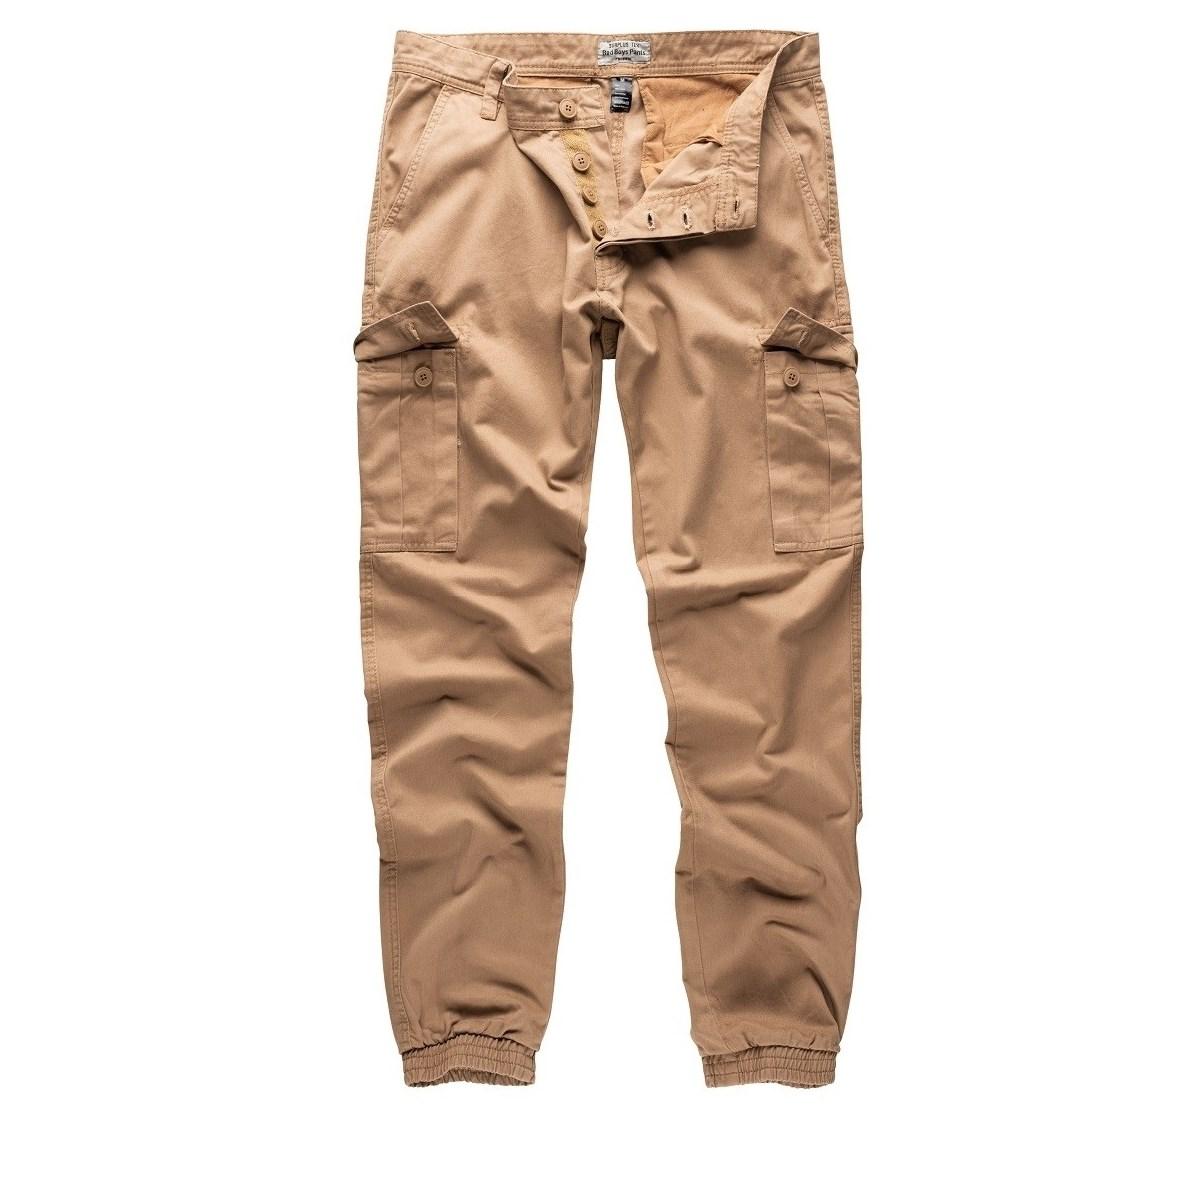 Kalhoty BAD BOYS KHAKI - zvìtšit obrázek